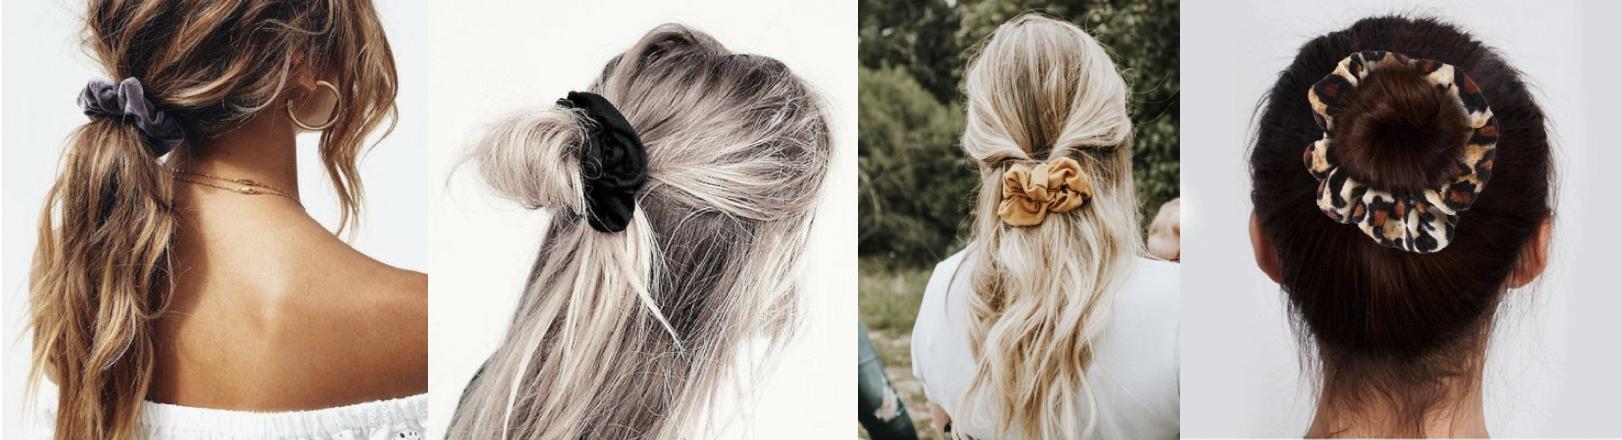 scrunchie-styling-tips-haarstijlen-met-donut